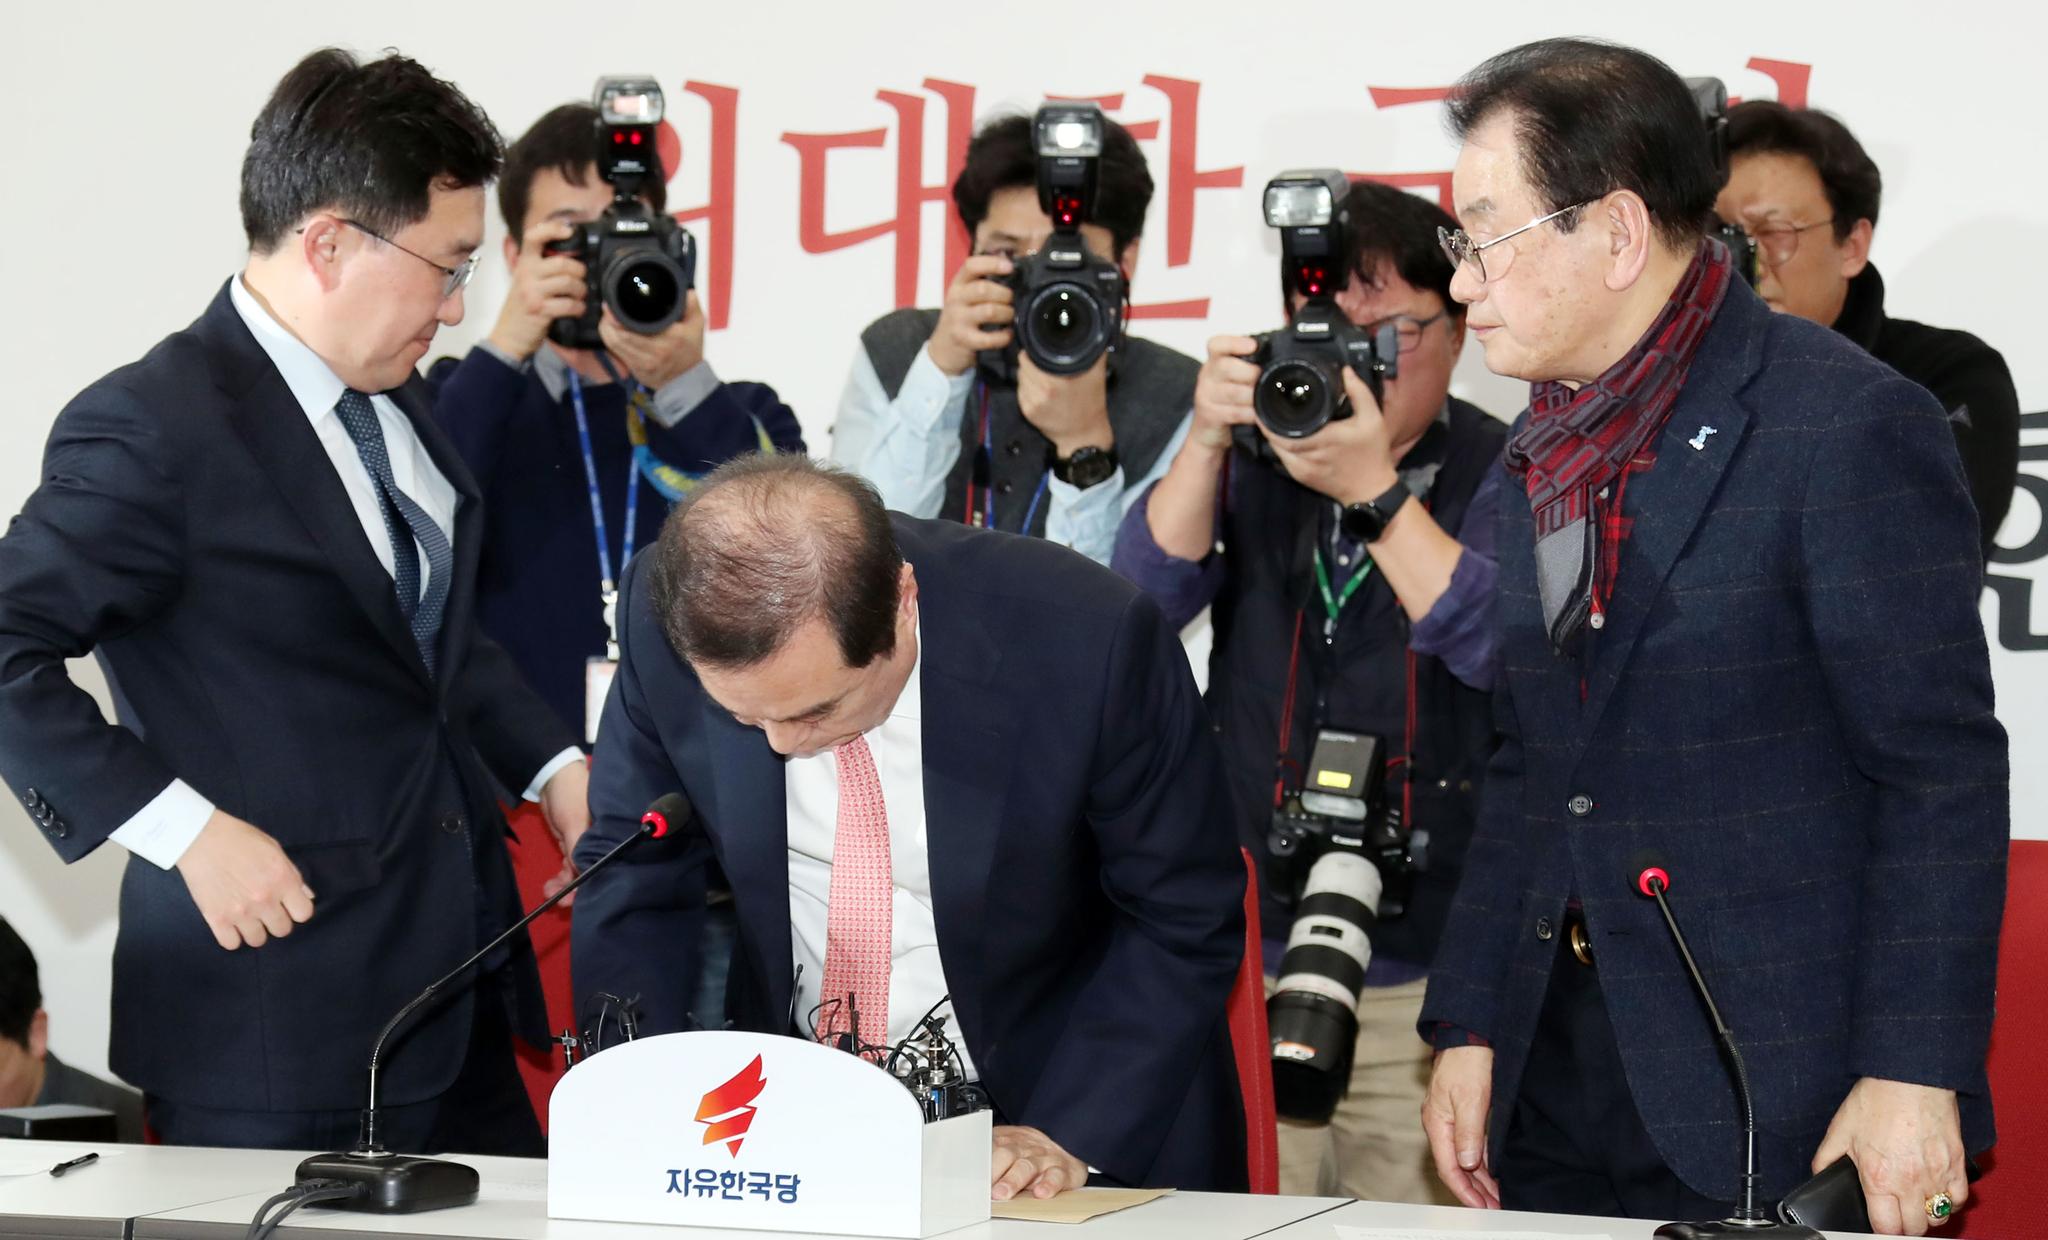 김병준 자유한국당 비상대책위원장(가운데)이 13일 오후 국회 비대위원장실에서 5.18 관련 단체 및 시민단체 대표단과 만나 면담 한 뒤 자리에서 일어나 머리숙여 사과하고 있다. 변선구 기자